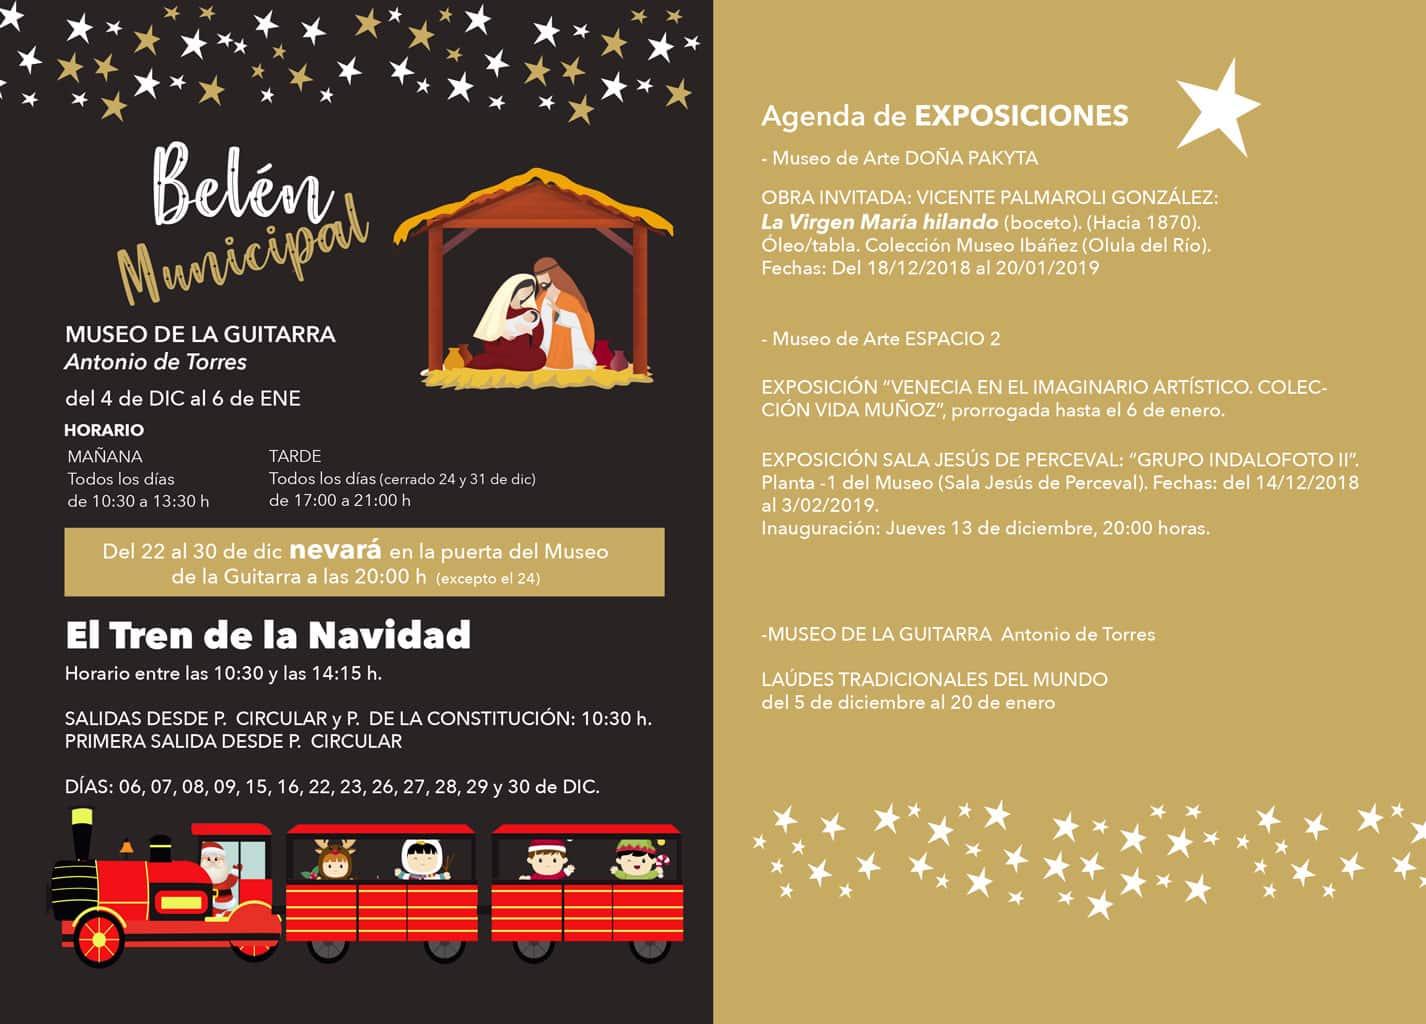 Programac-Navidad-Reyes-2018-2019-Almeria-14